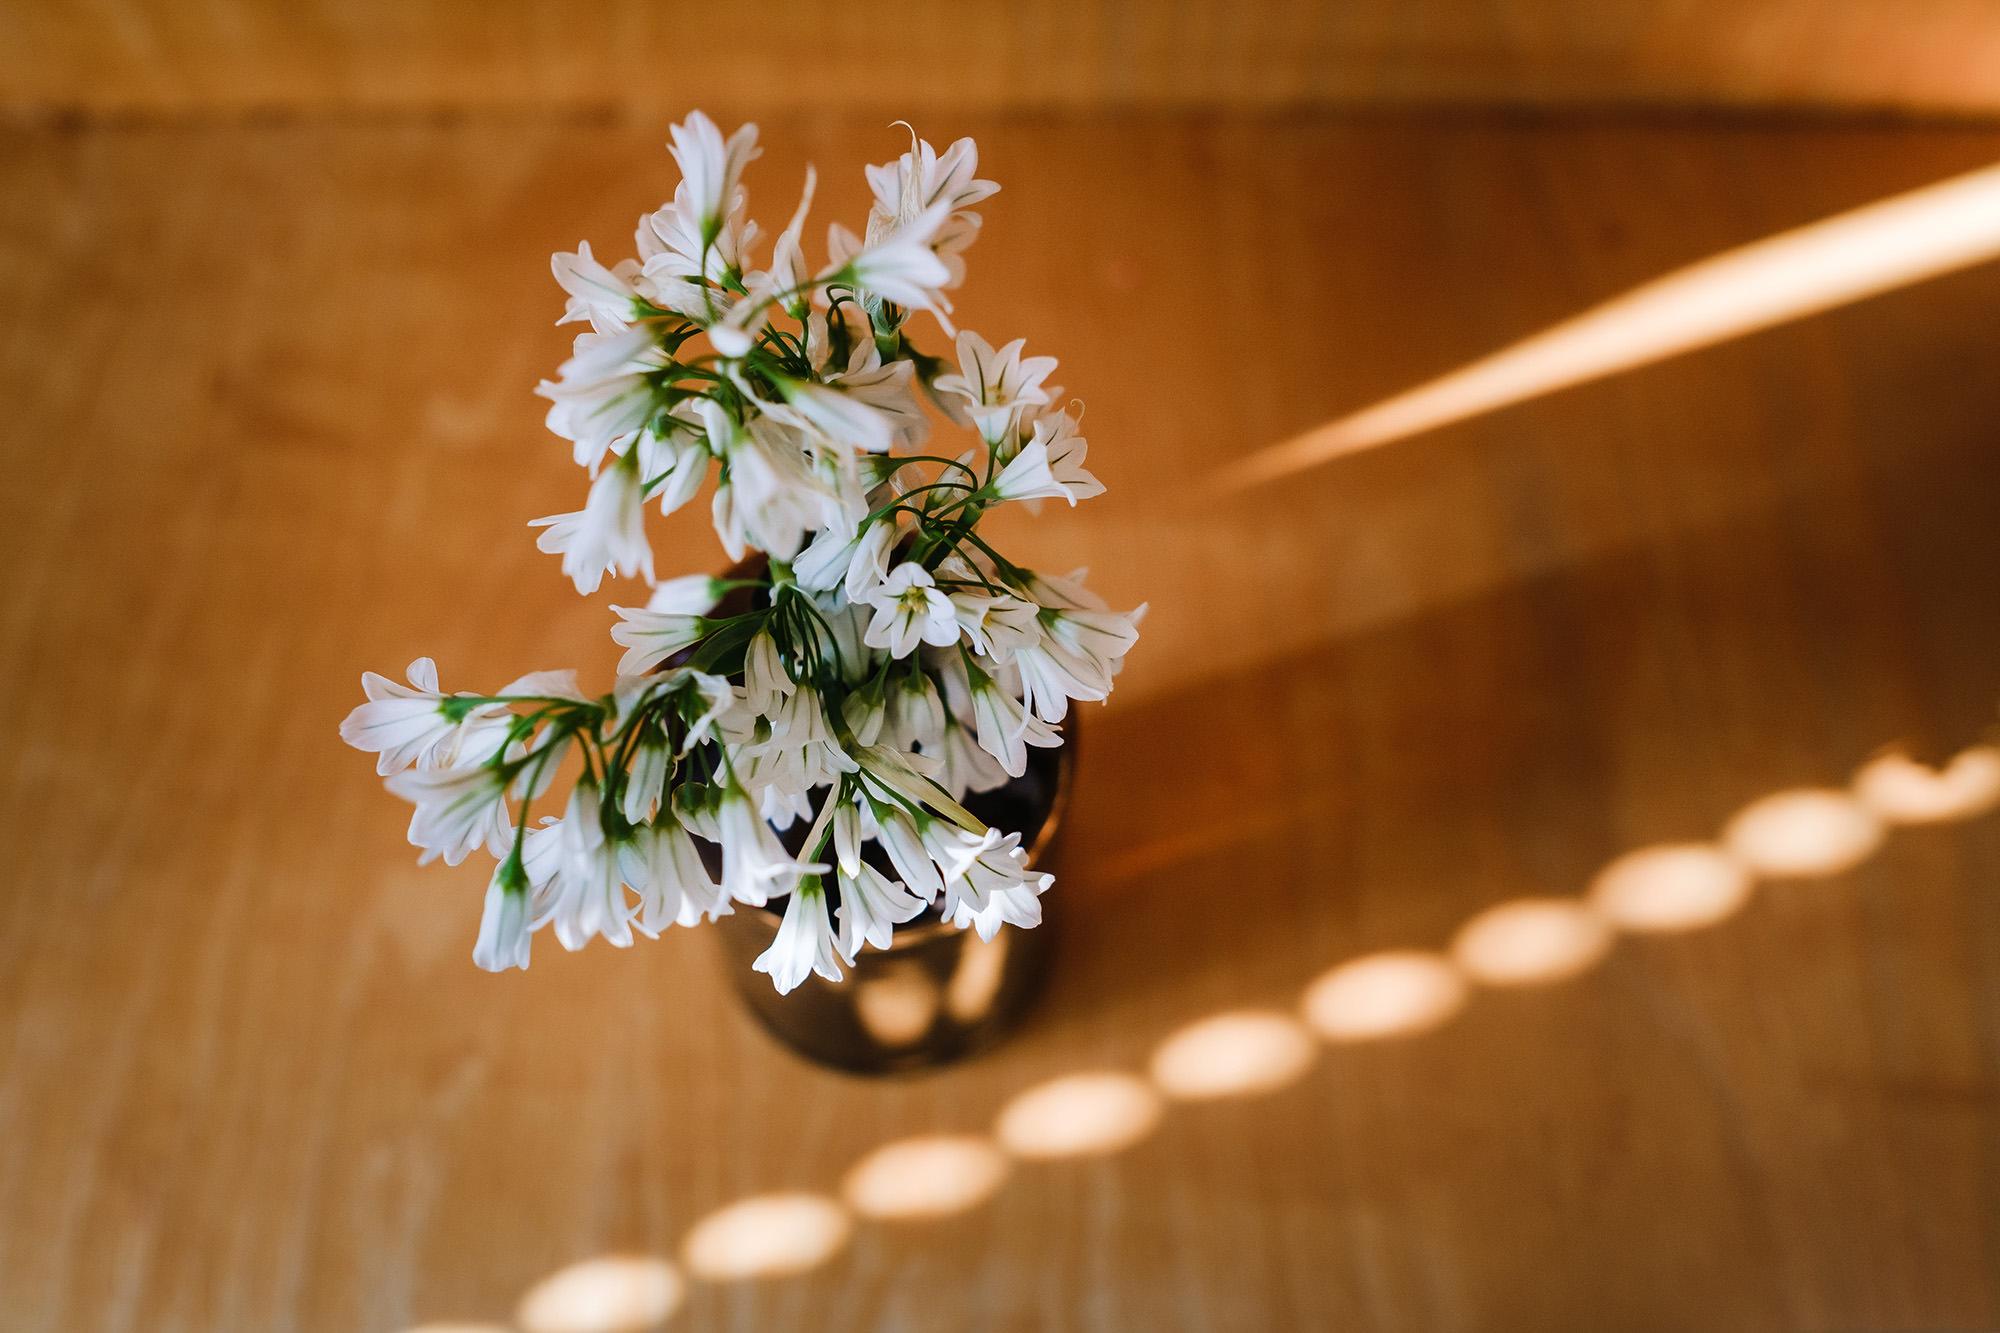 lockdown diaries with flowers